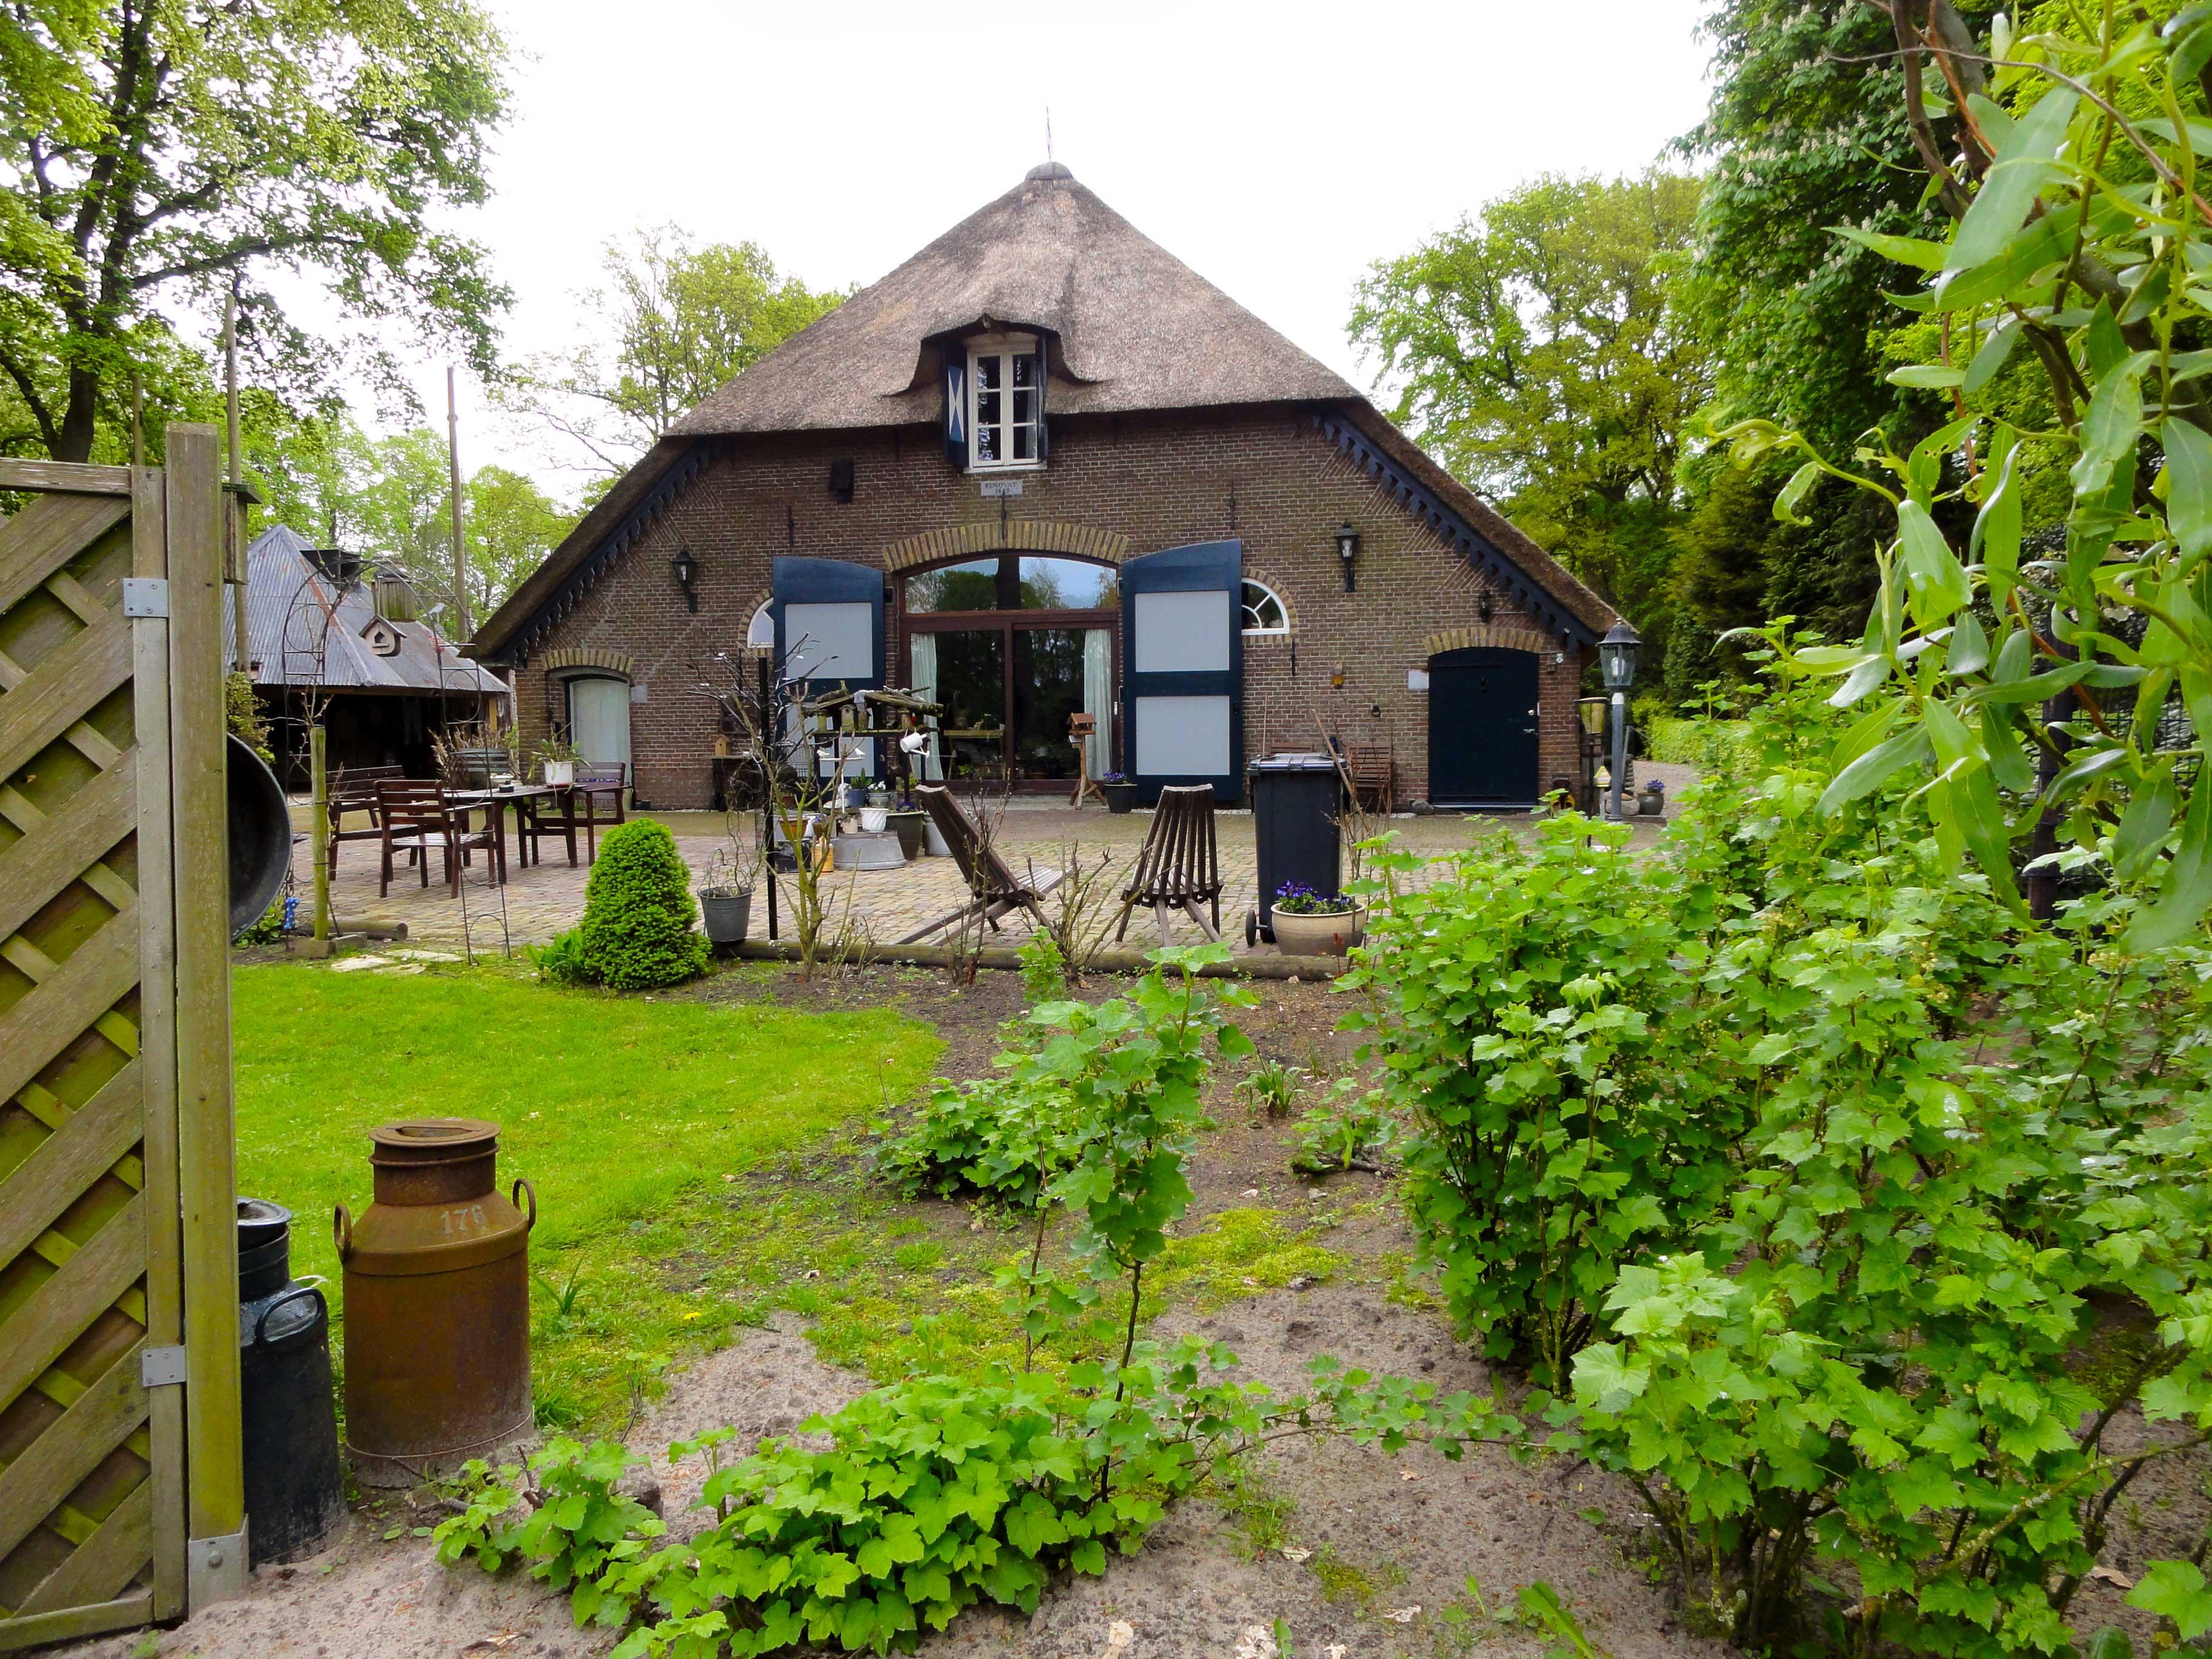 Huis morren boerderij aan linkerkant in oosterwolde gld monument - Fotos van huis ...